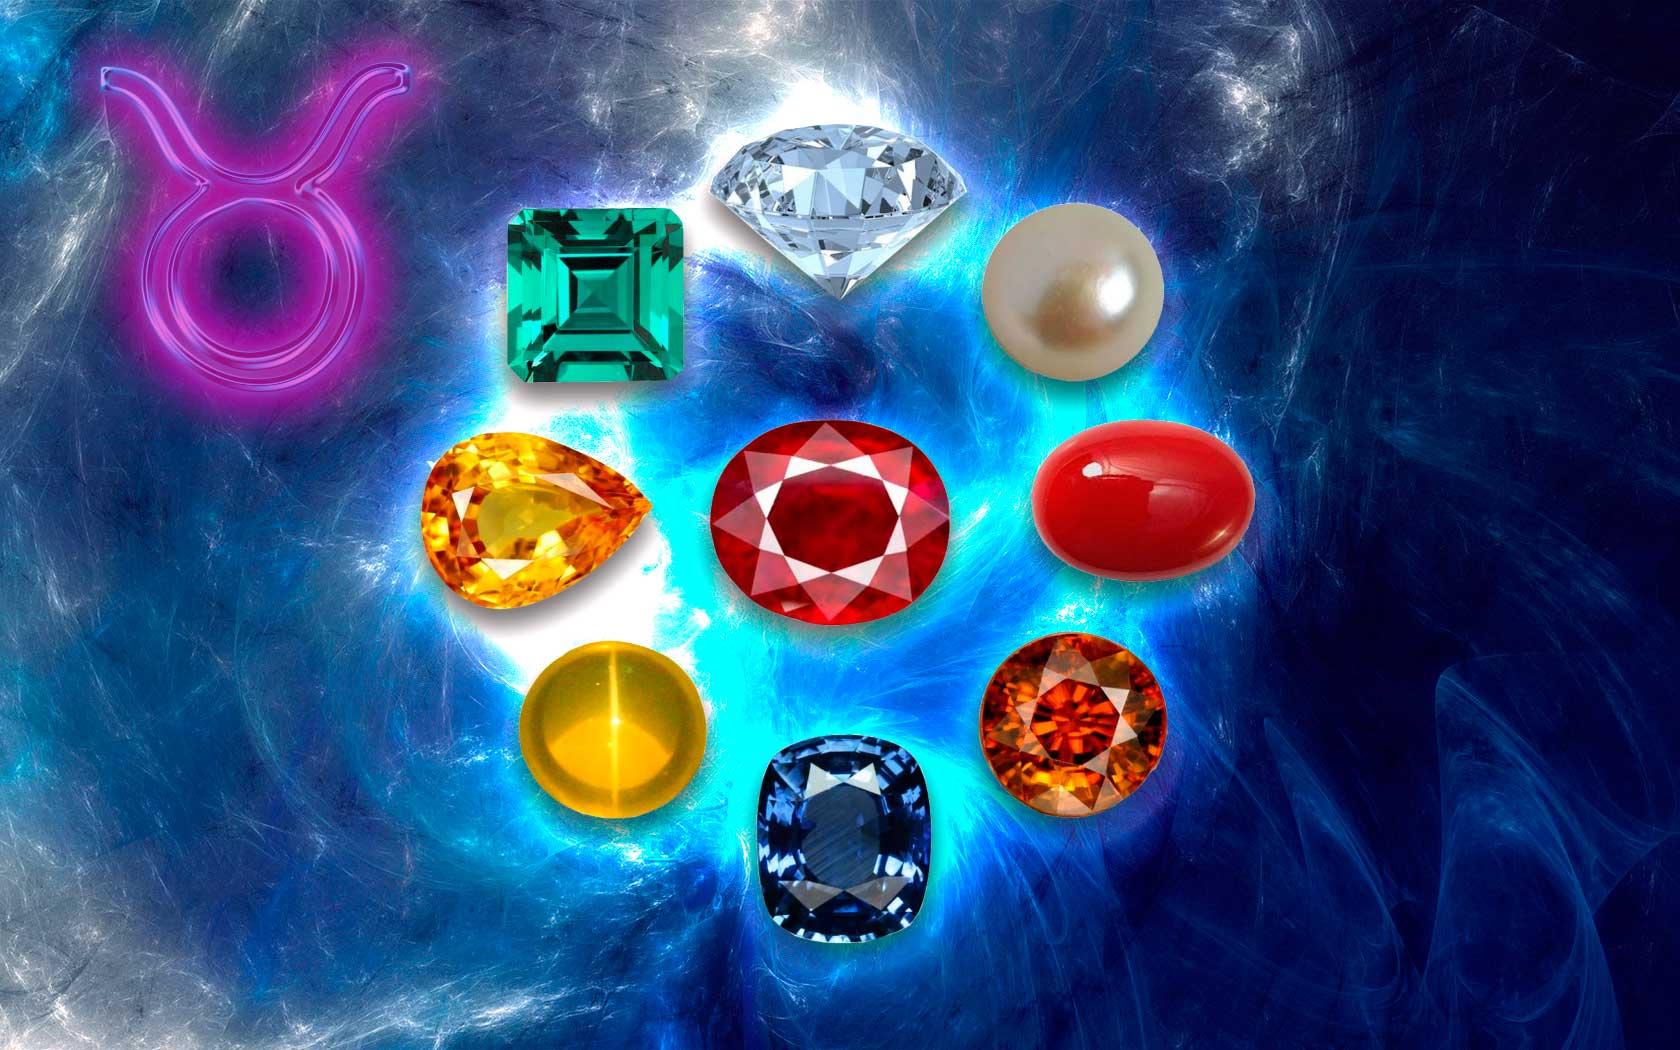 Какие камни подходят Тельцам по гороскопу женщинам и мужчинам